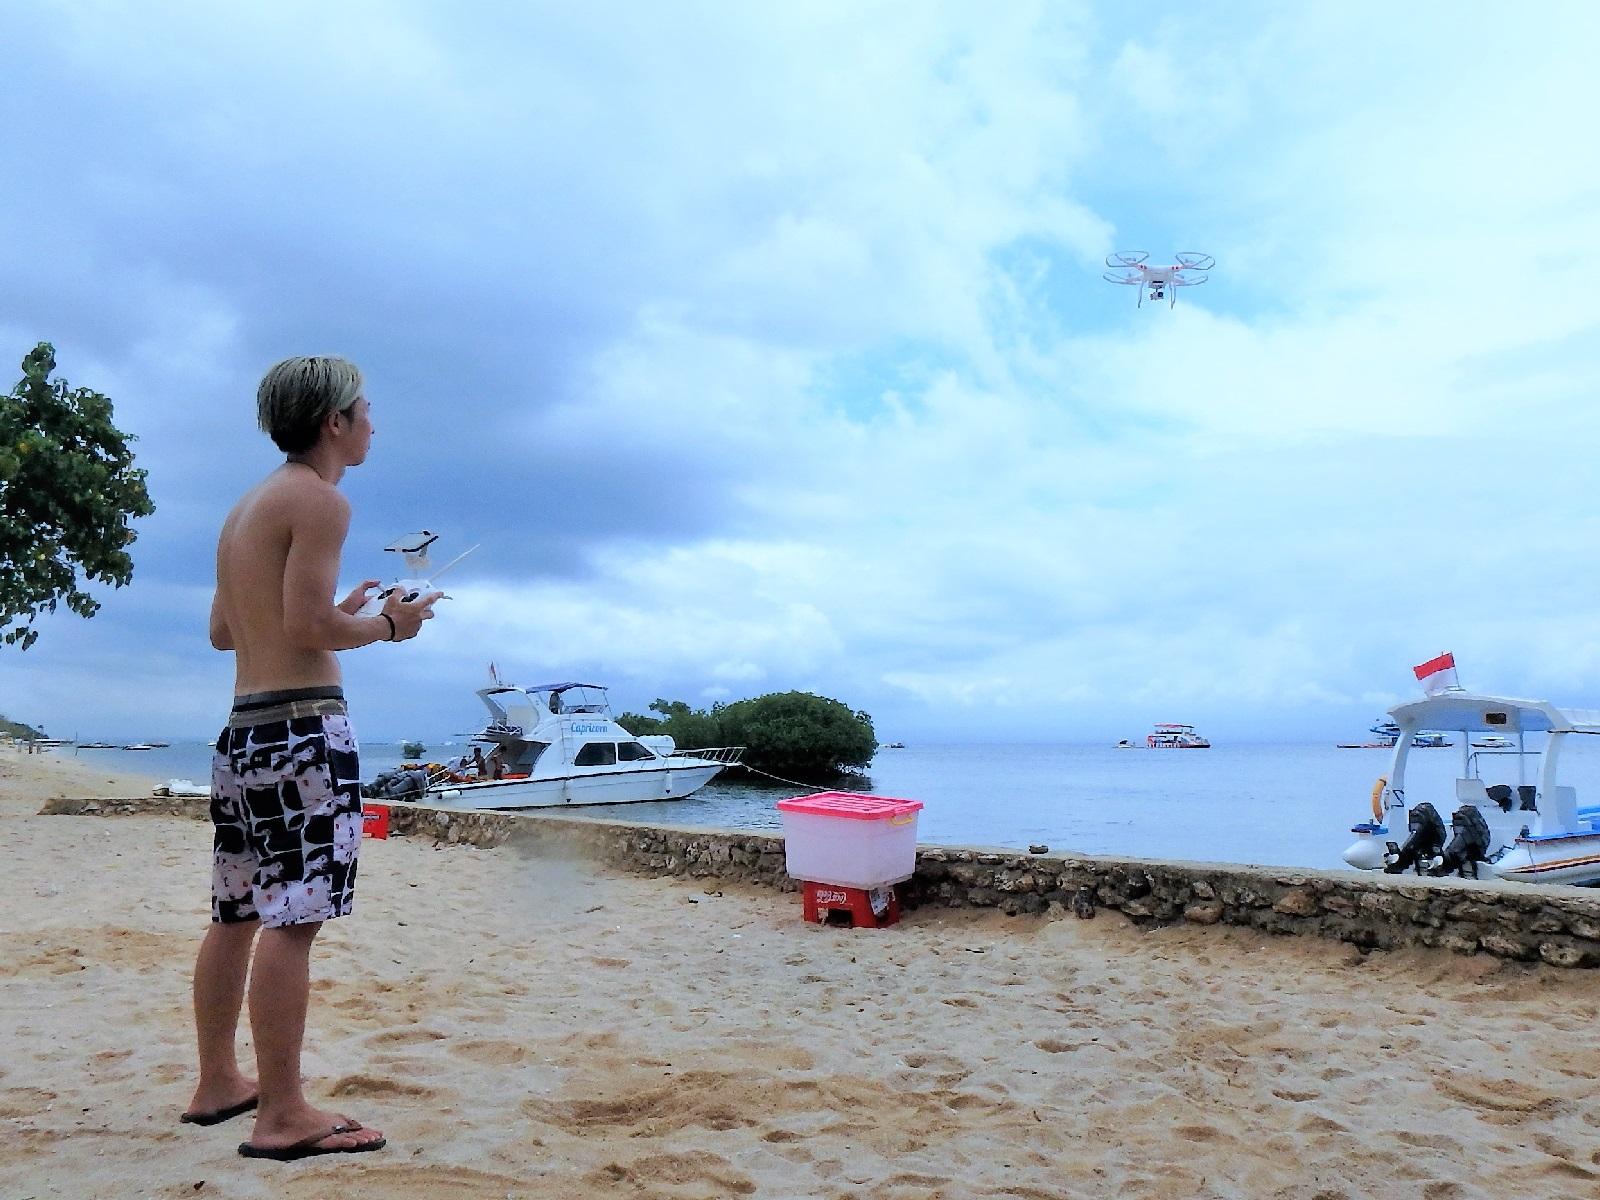 バリ島旅行のみかたホリ&カイリがレンボンガン島に行く